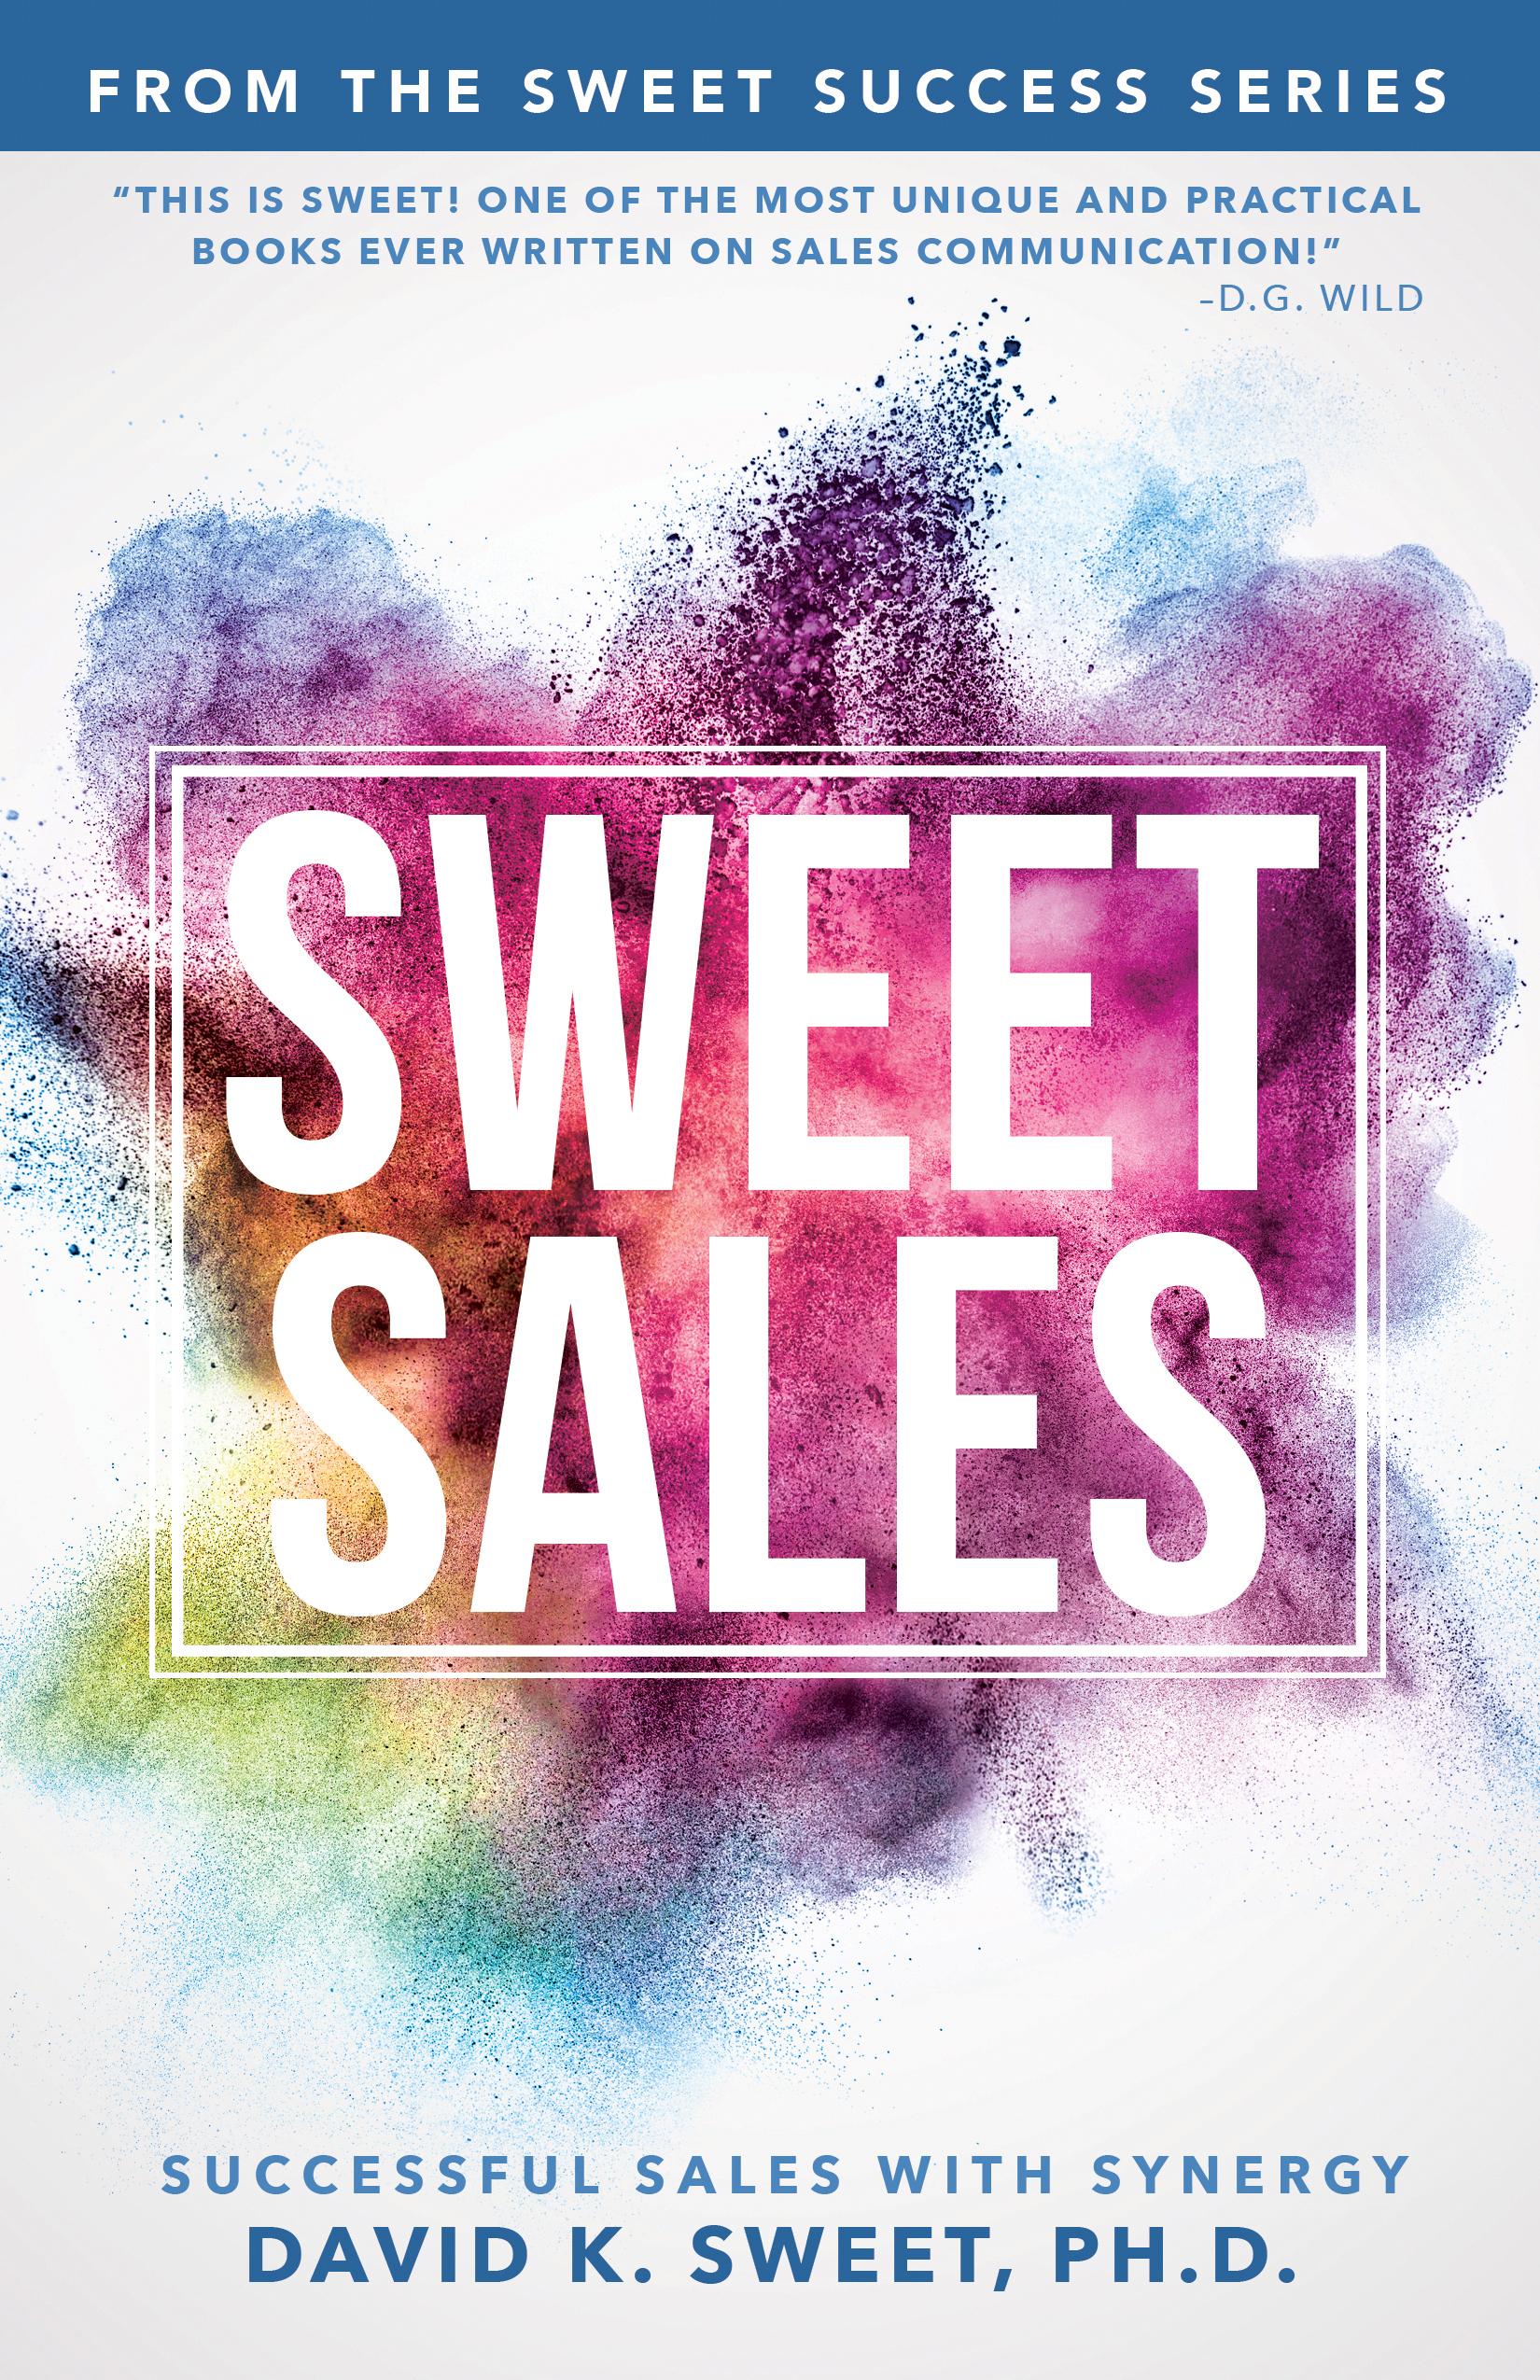 Sweet Sales - By david k. sweet, phd